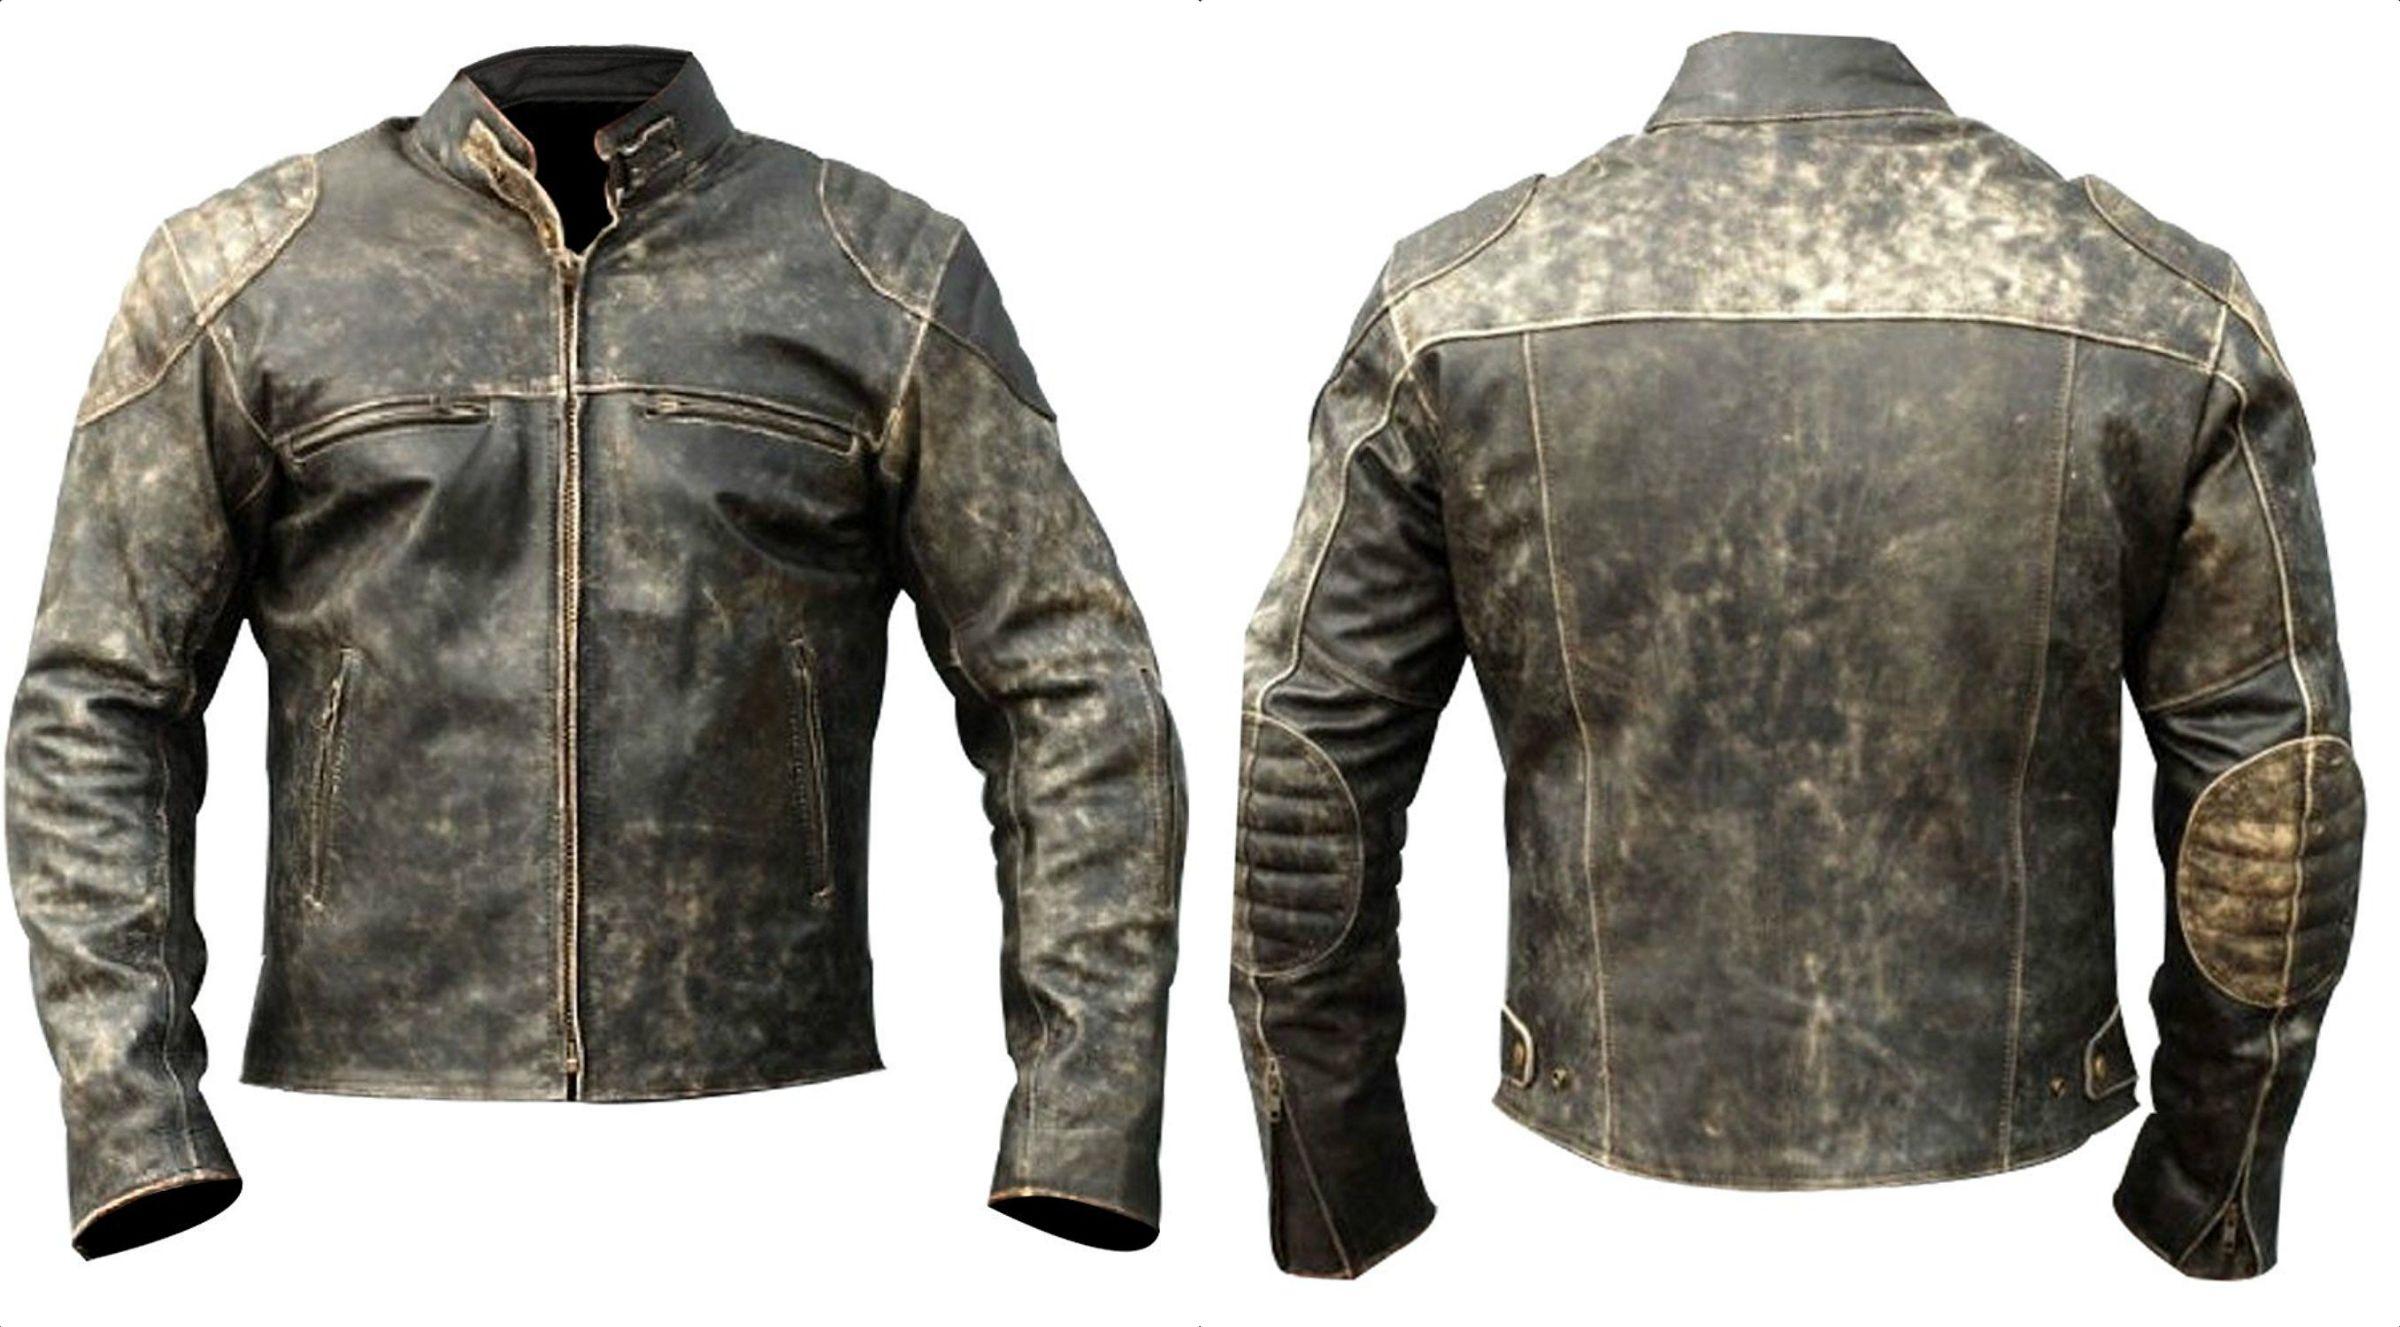 The New Black Biker Vintage Biker Leather Jacket